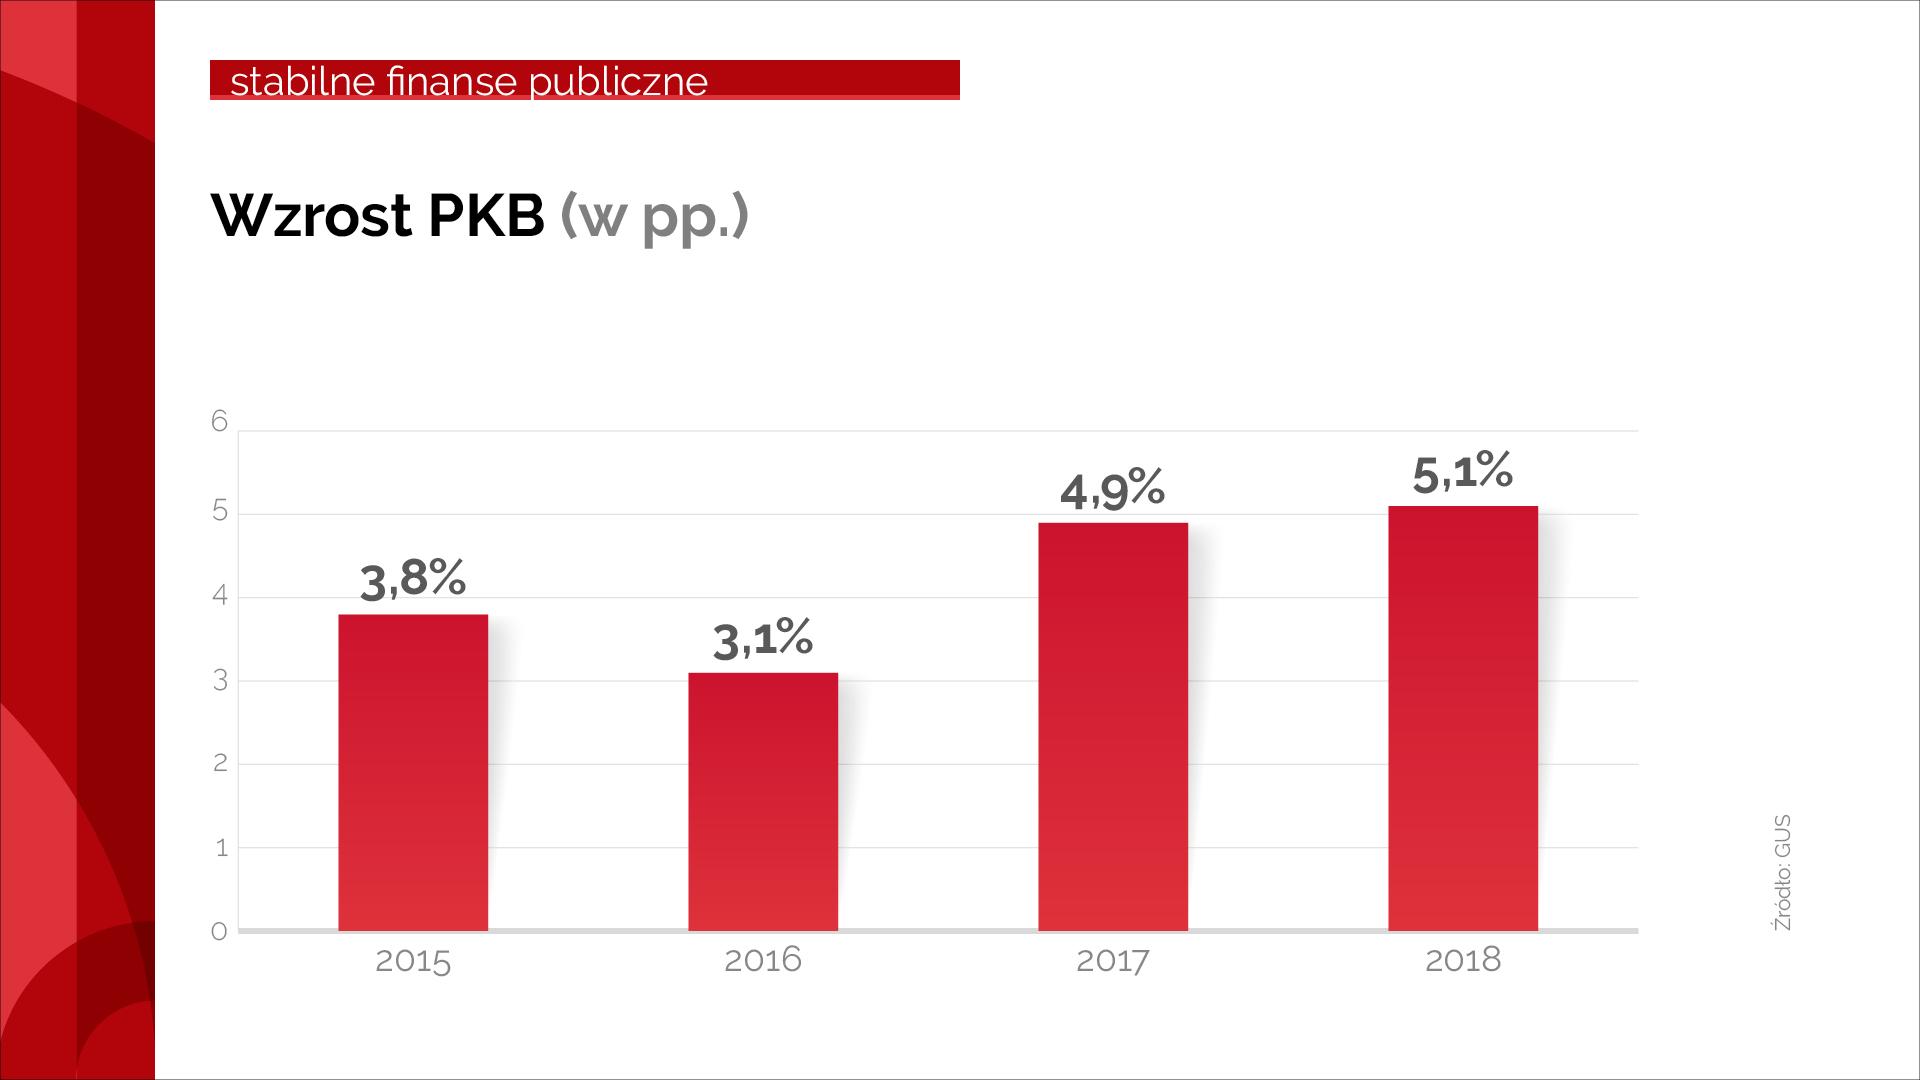 Wykres dot. PKB w latach 2015-2018